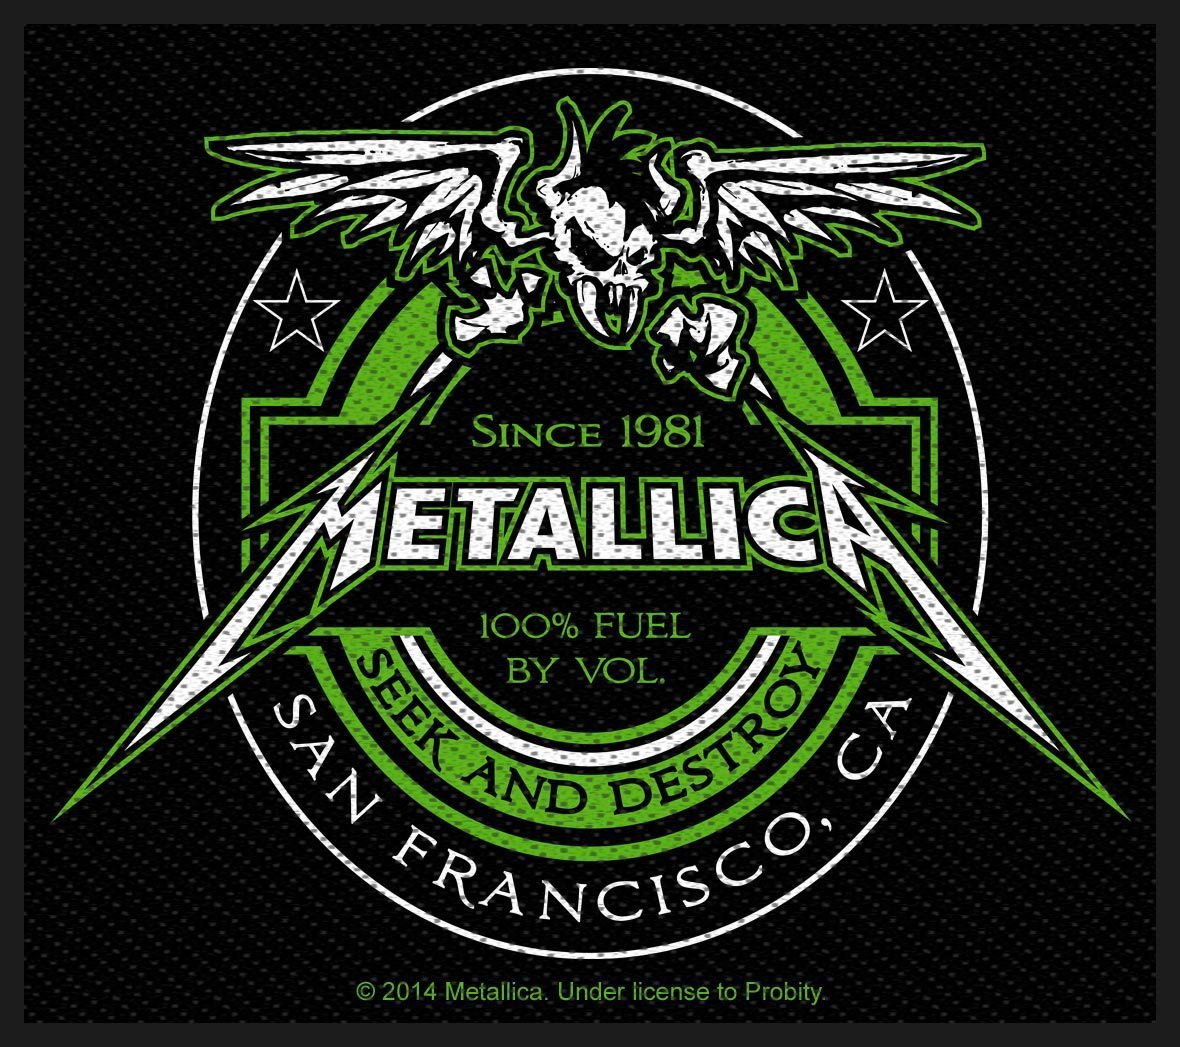 Metallica Woven Patch Beer Label